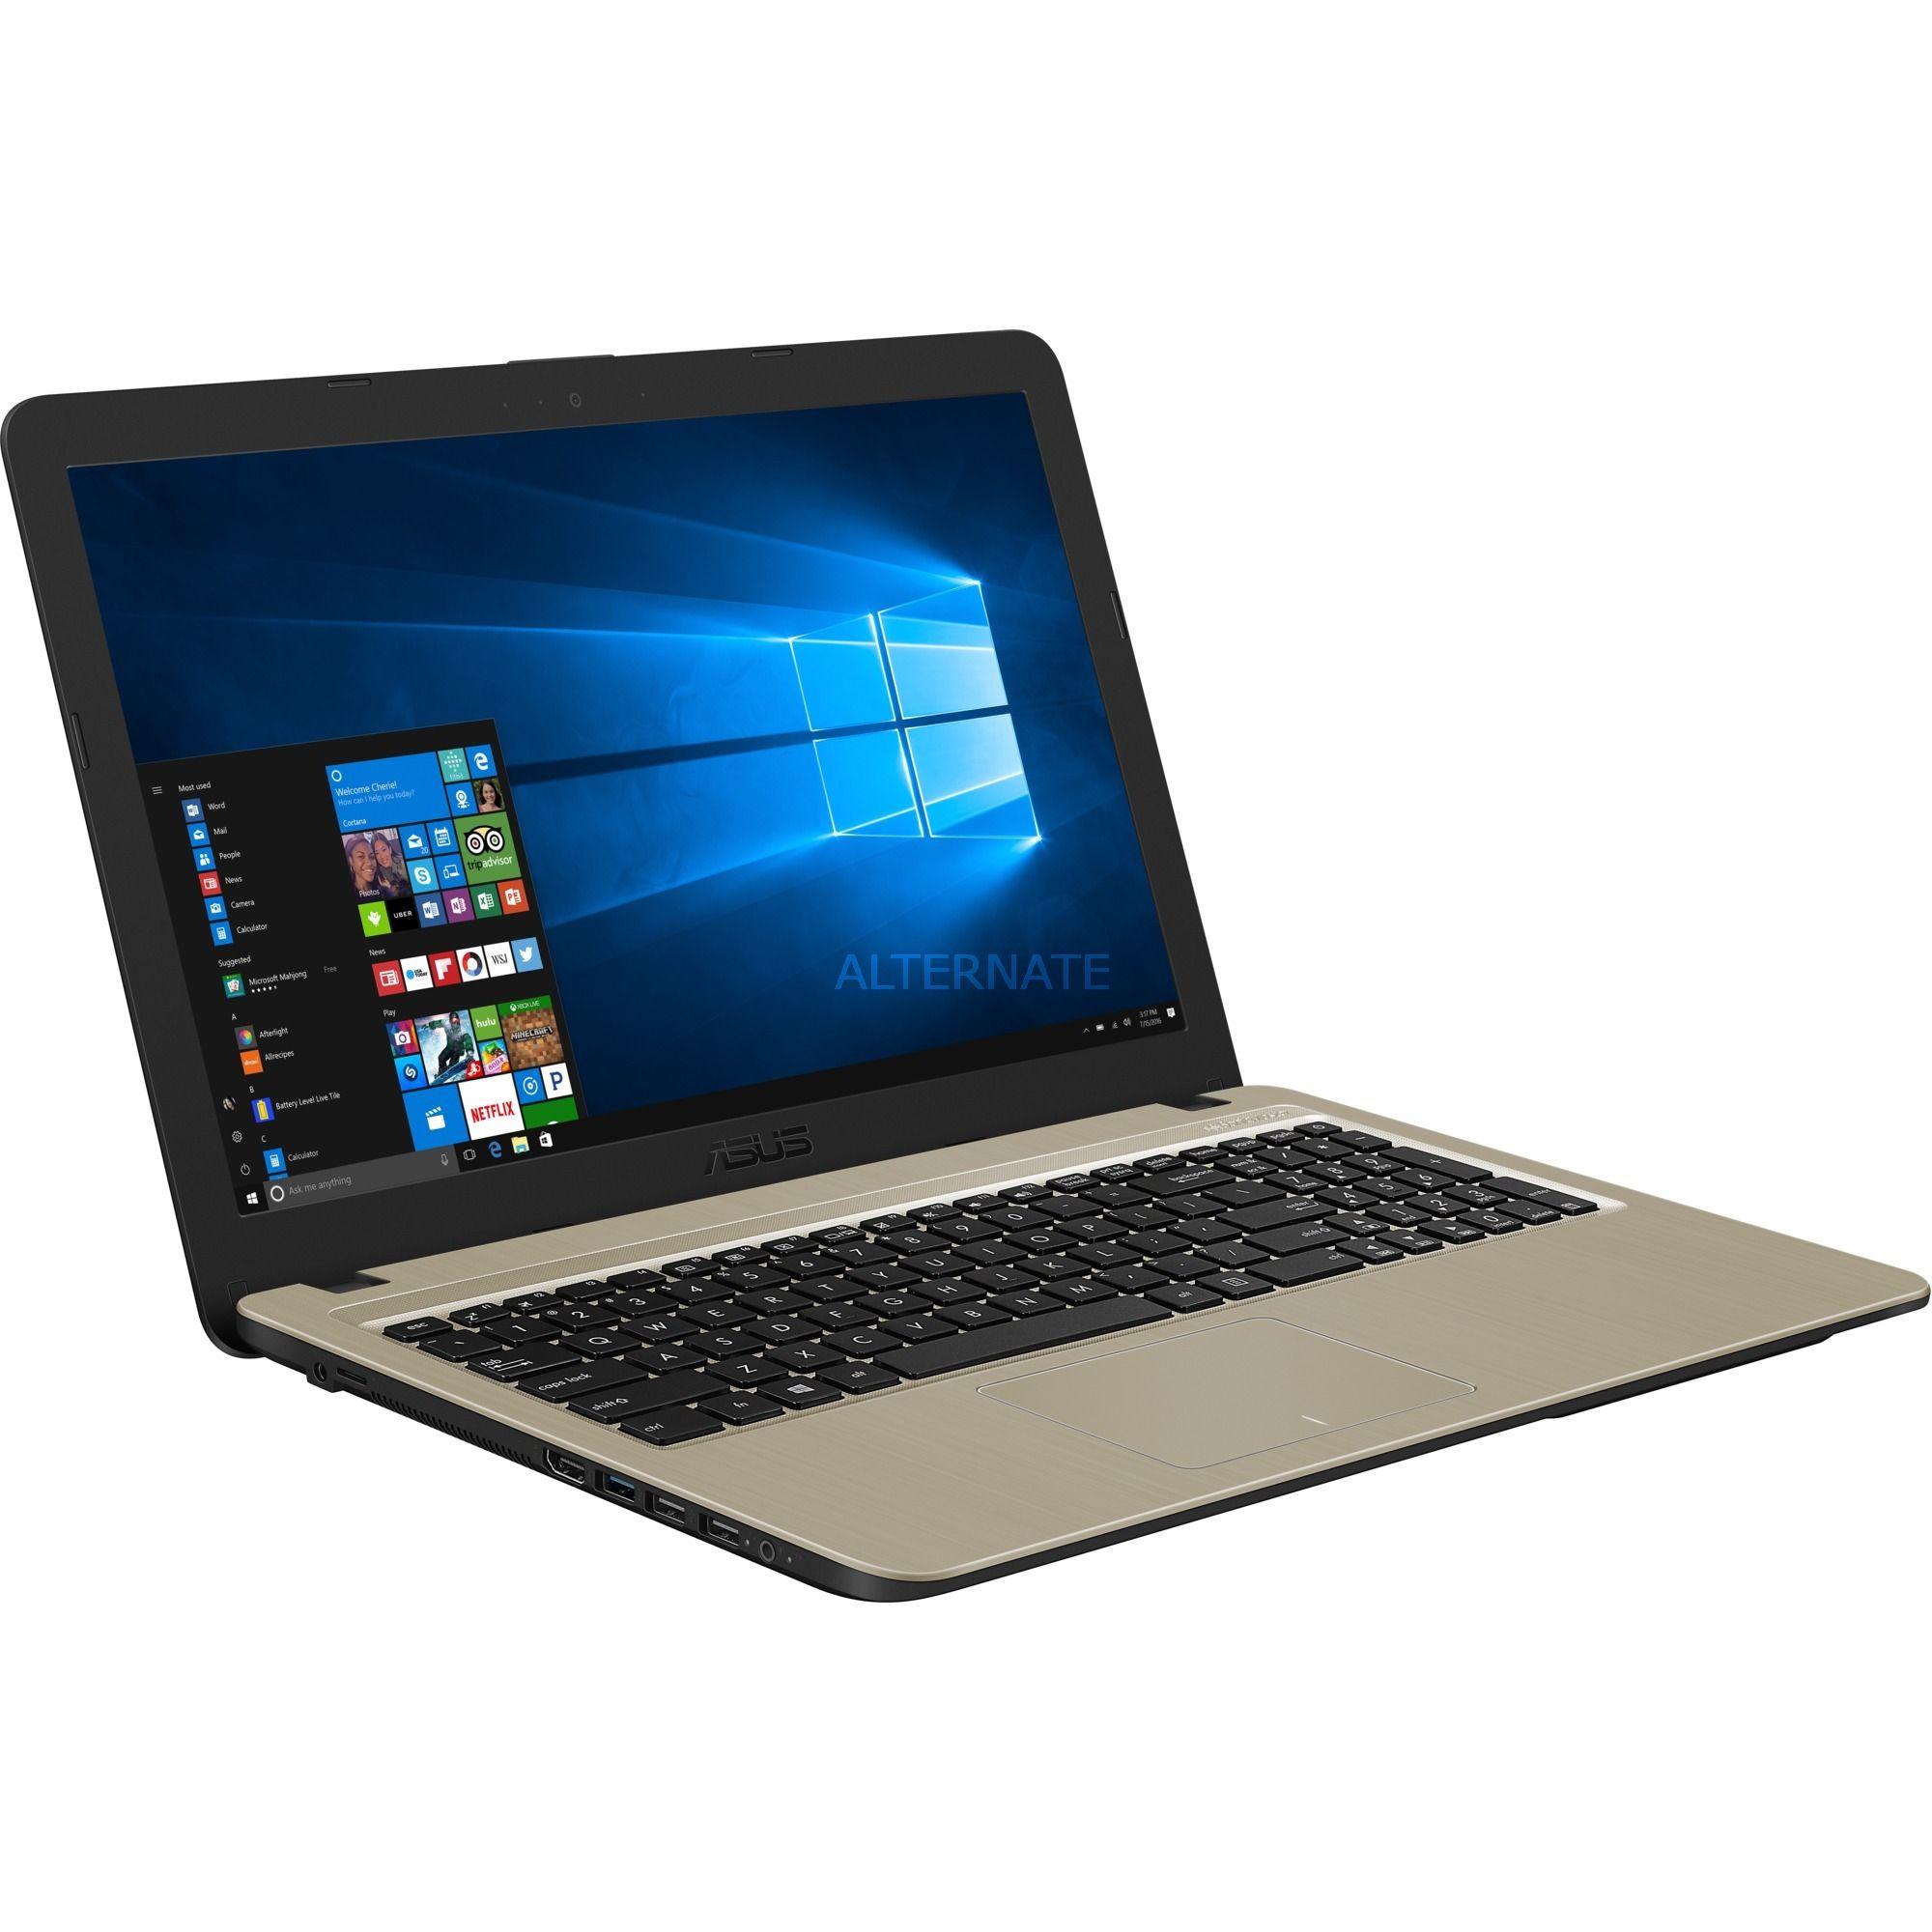 Alternate Notebook-Wochen | Asus F540UA-DM723T | i5, 8GB, 256GB SSD, Win 10